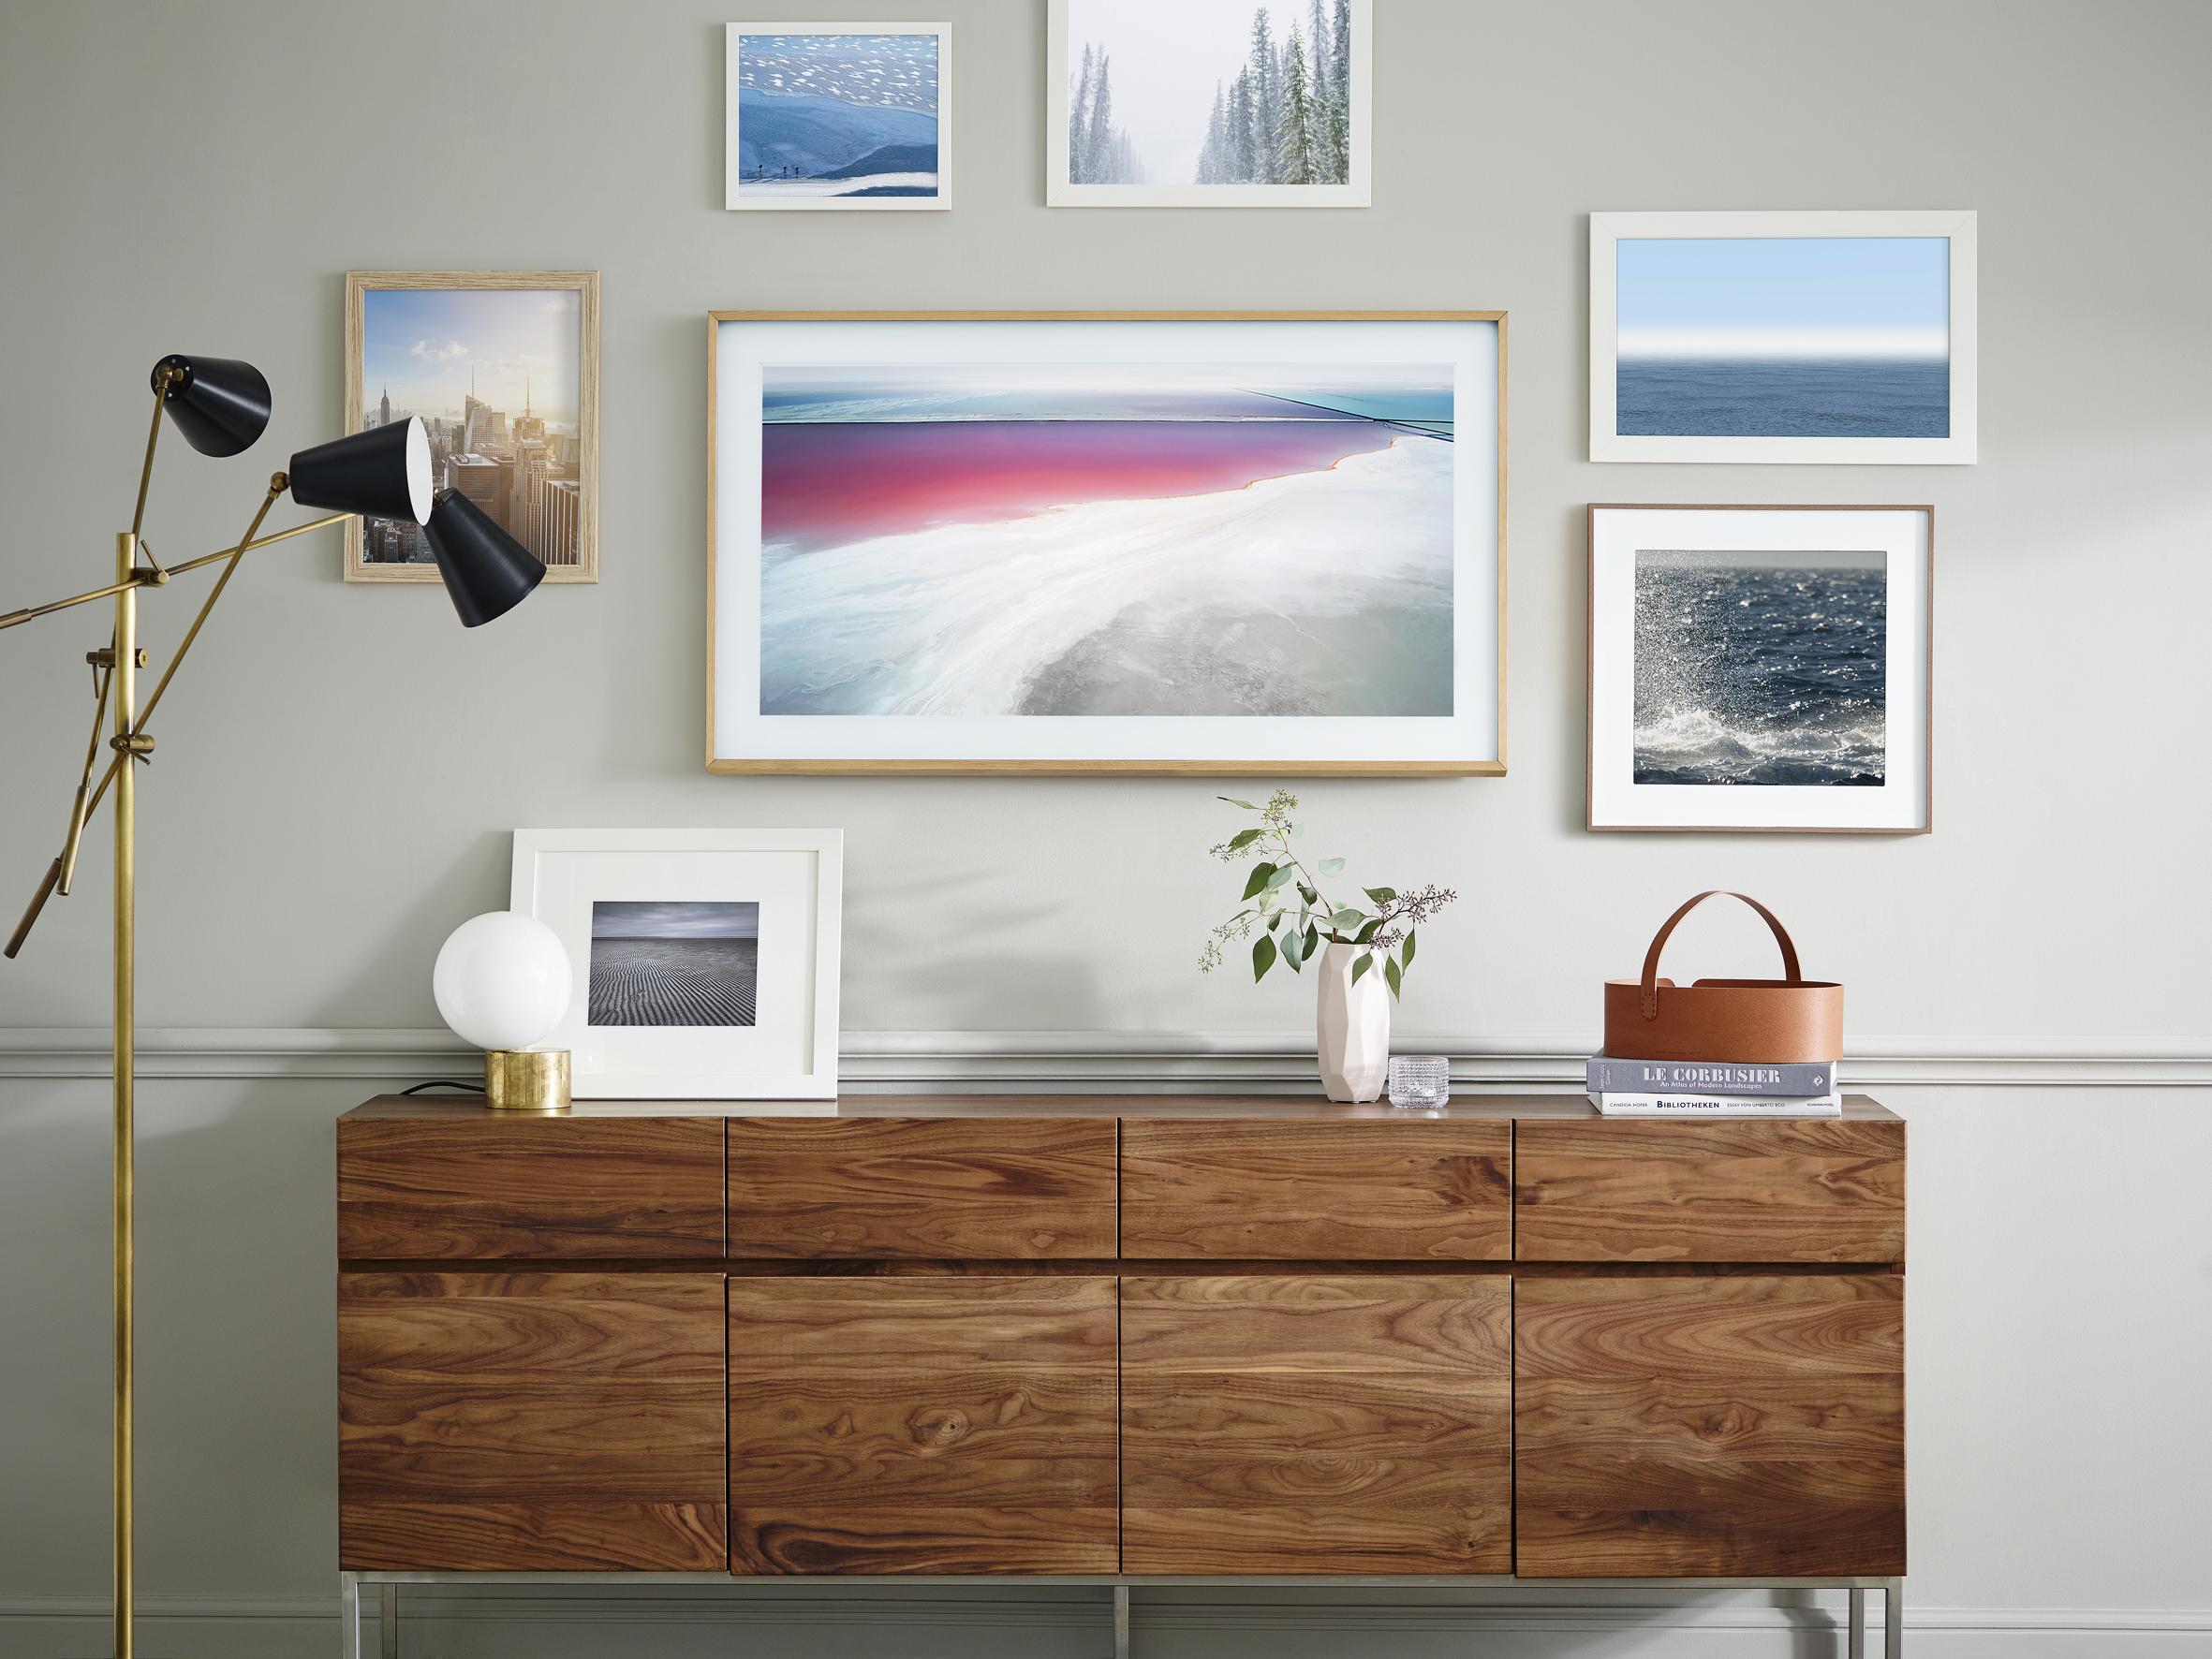 The Frame Von Samsung Ist Ein Design TV Für Anspruchsvolle Kunden, Die  Ihrer Individualität Auch Im Wohnzimmer Ausdruck Verleihen Möchten. Wie Ein  Gemälde ...